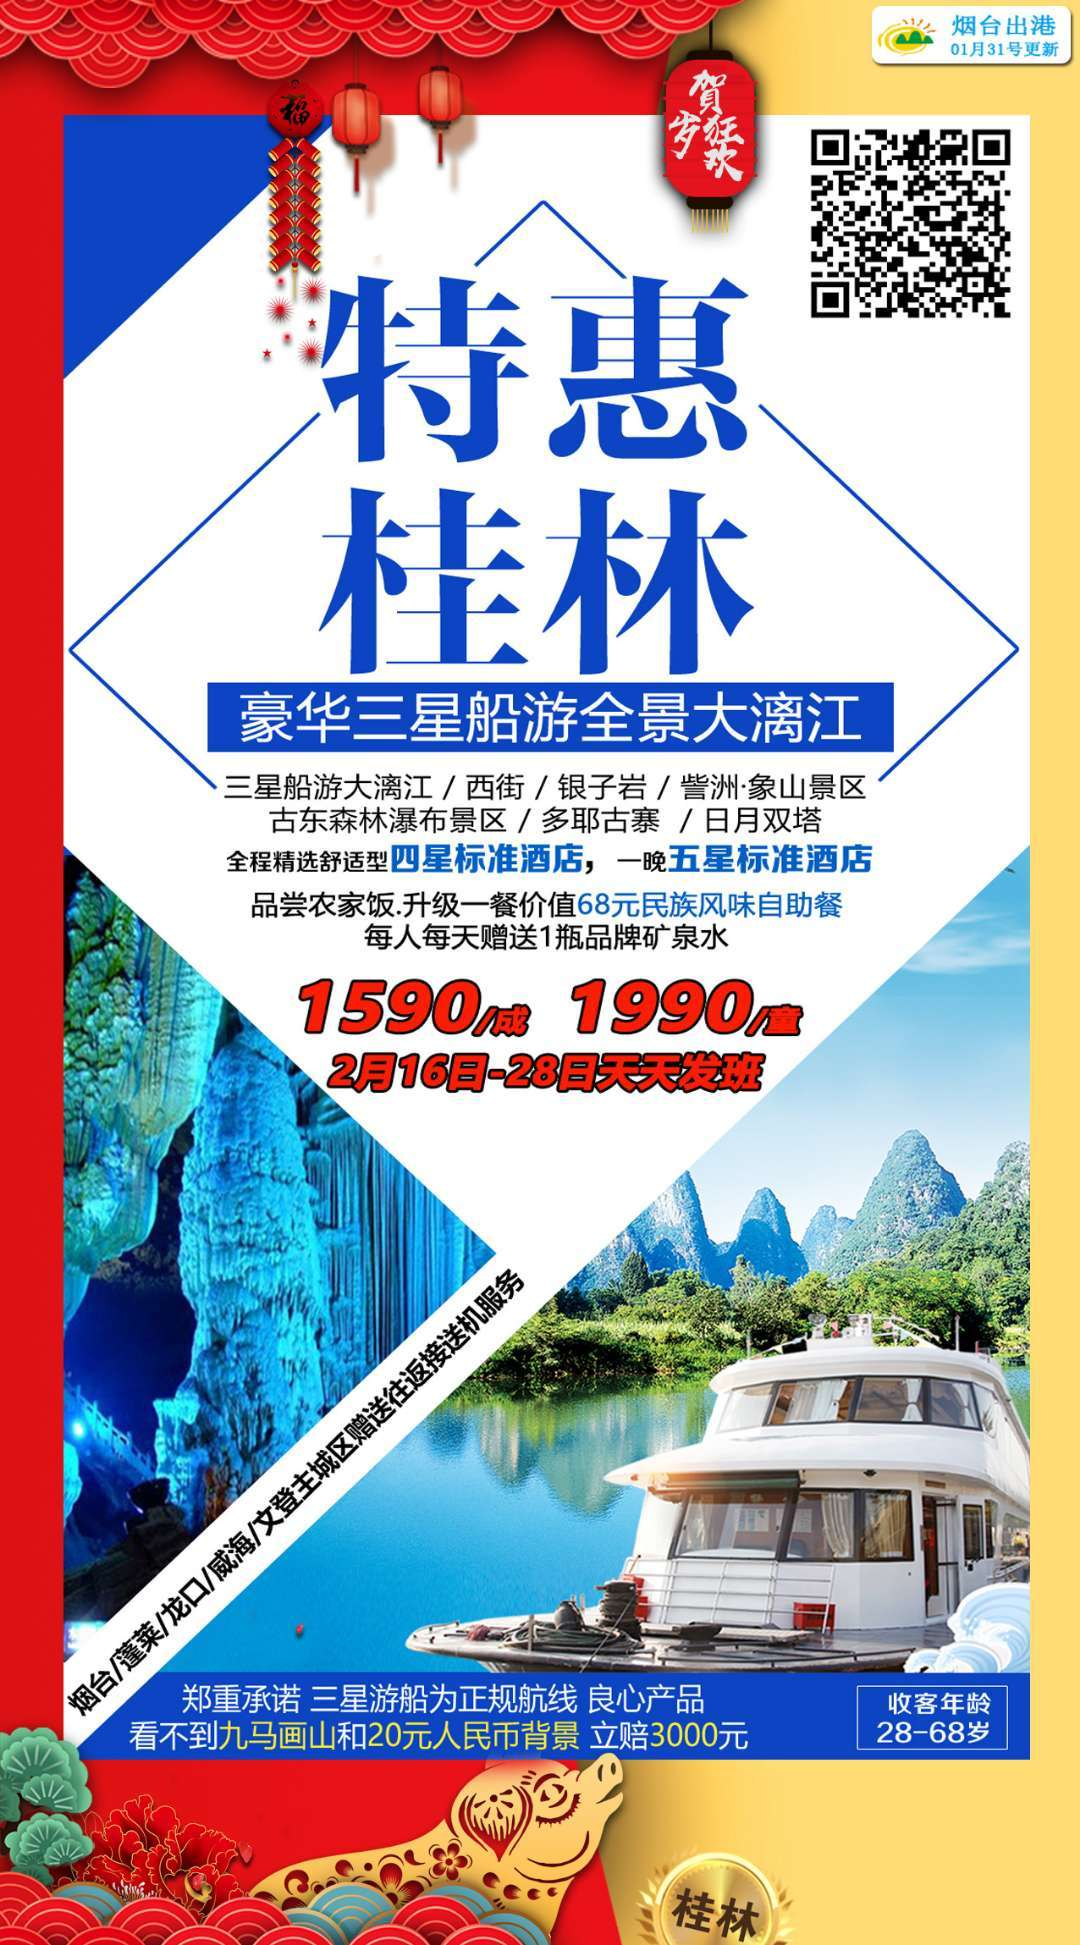 特惠桂林 三星游船 天天发团